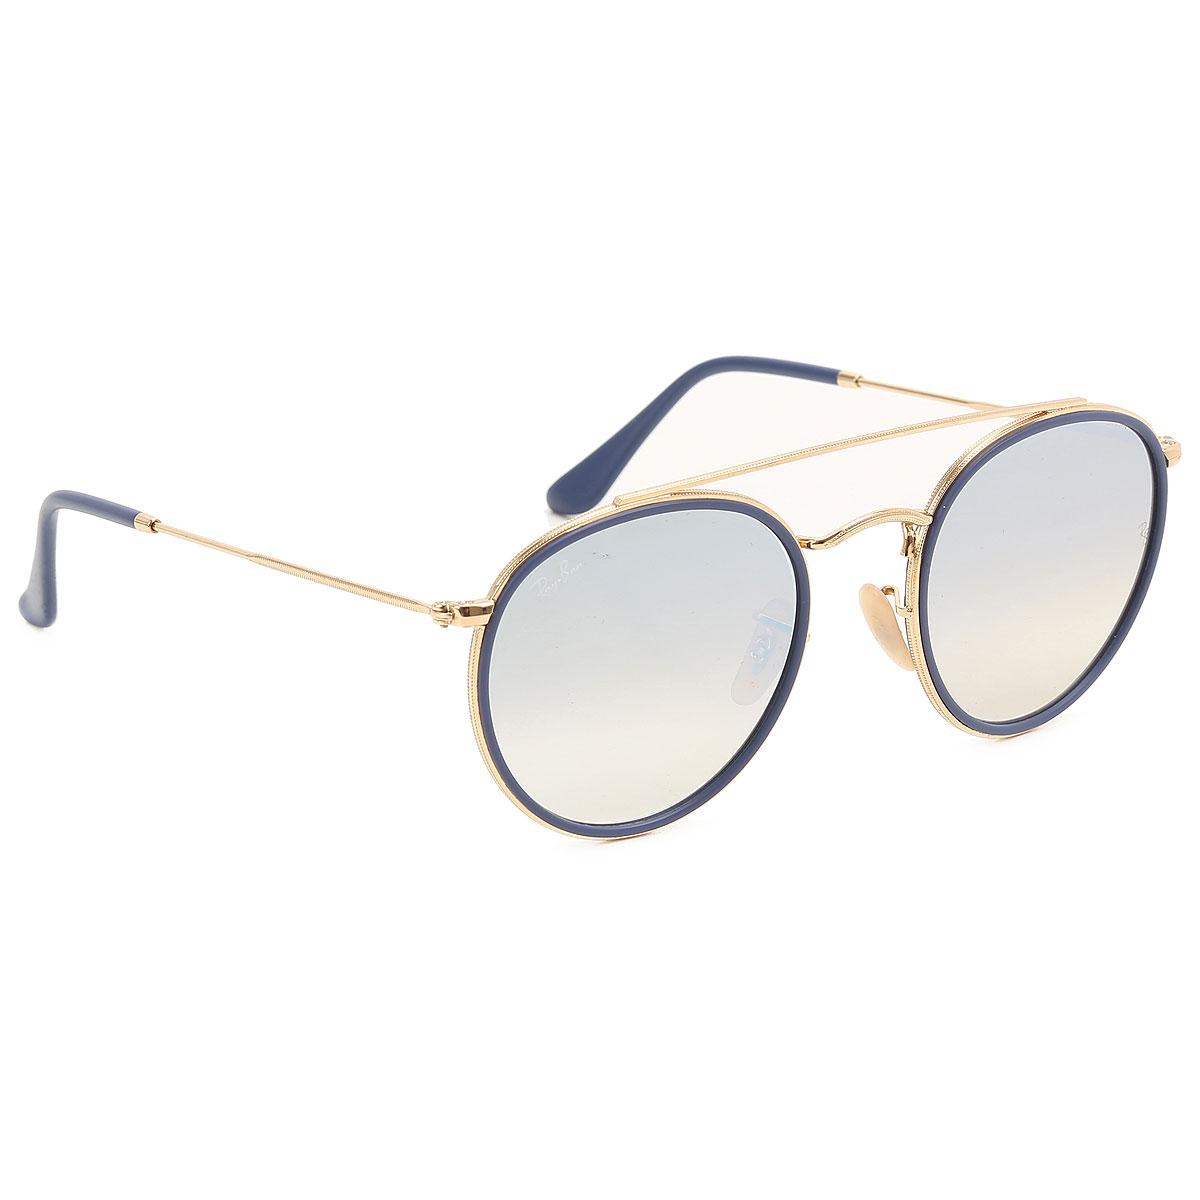 Gafas y Lentes de Sol Ray Ban, Detalle Modelo: rb3647n-001-9u